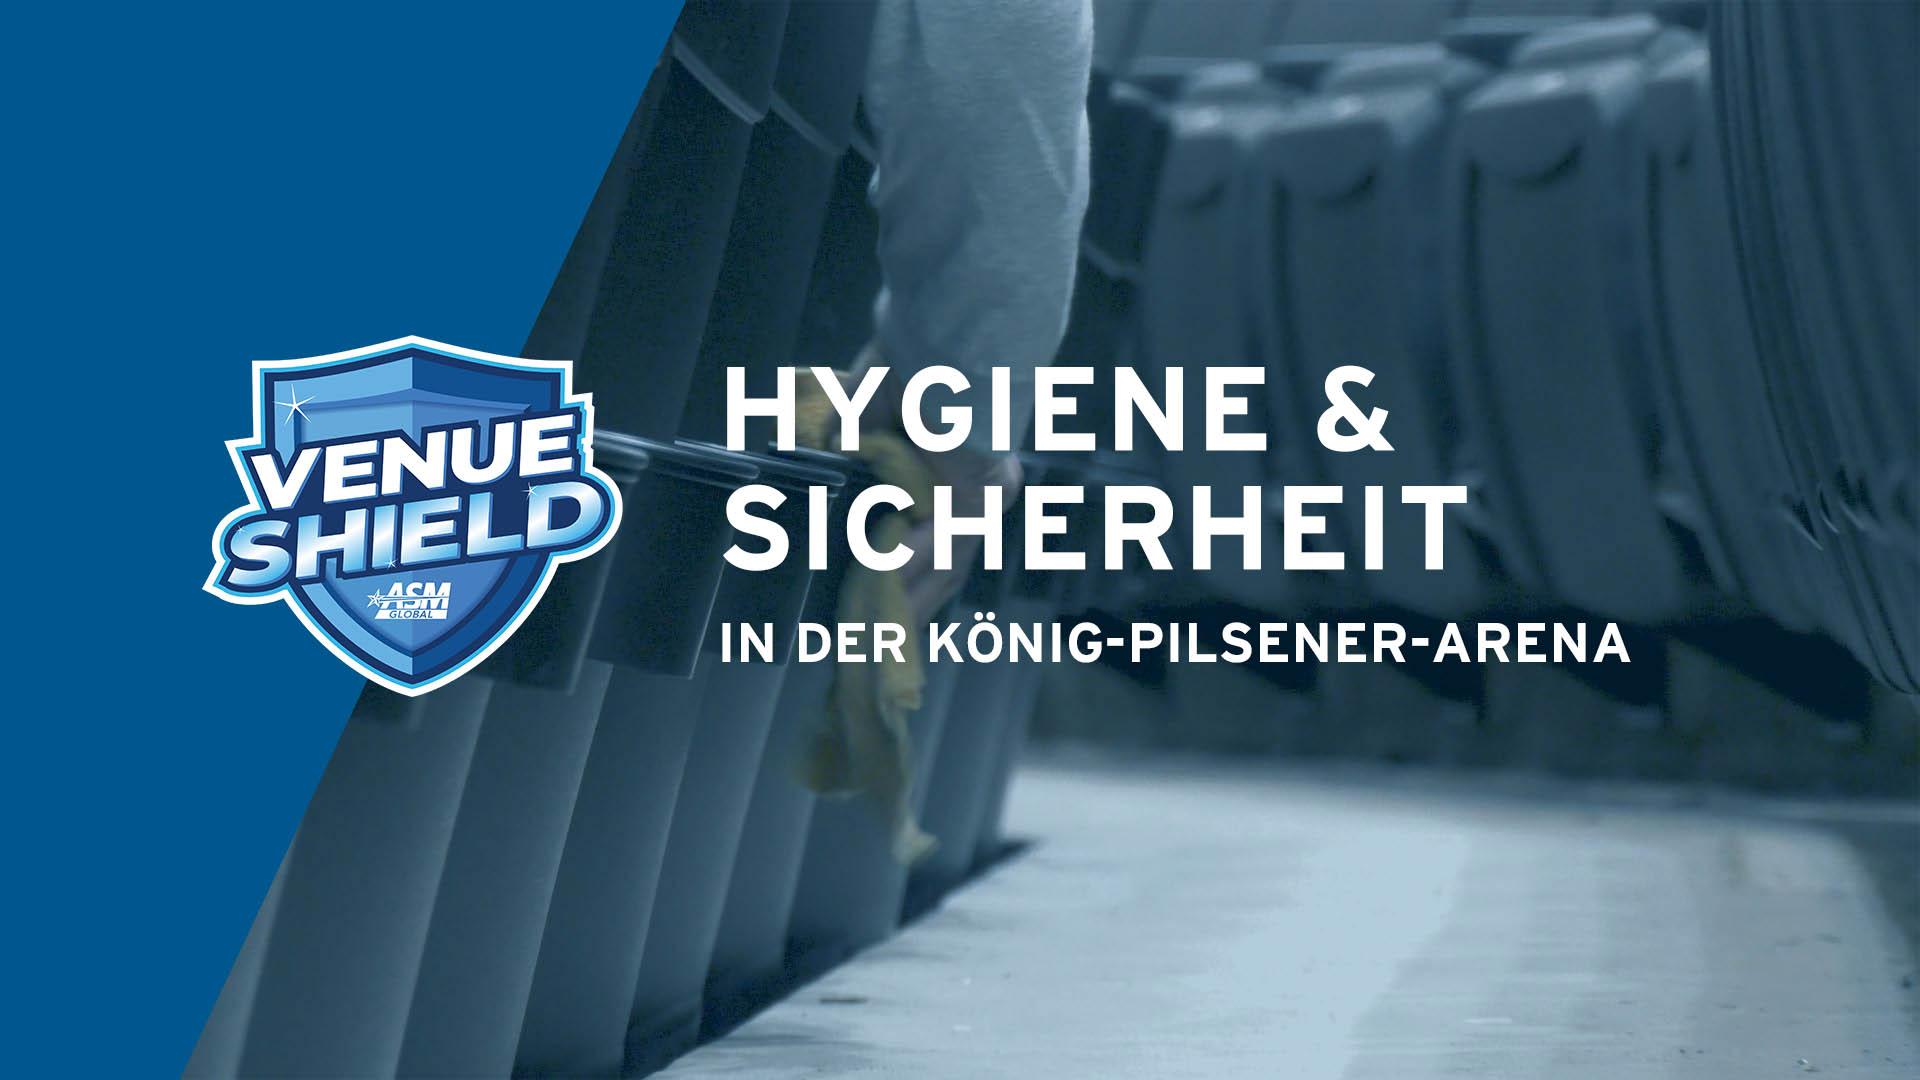 VenueShield - Das neue Hygine-Programm der König-Pilsener-ARENA